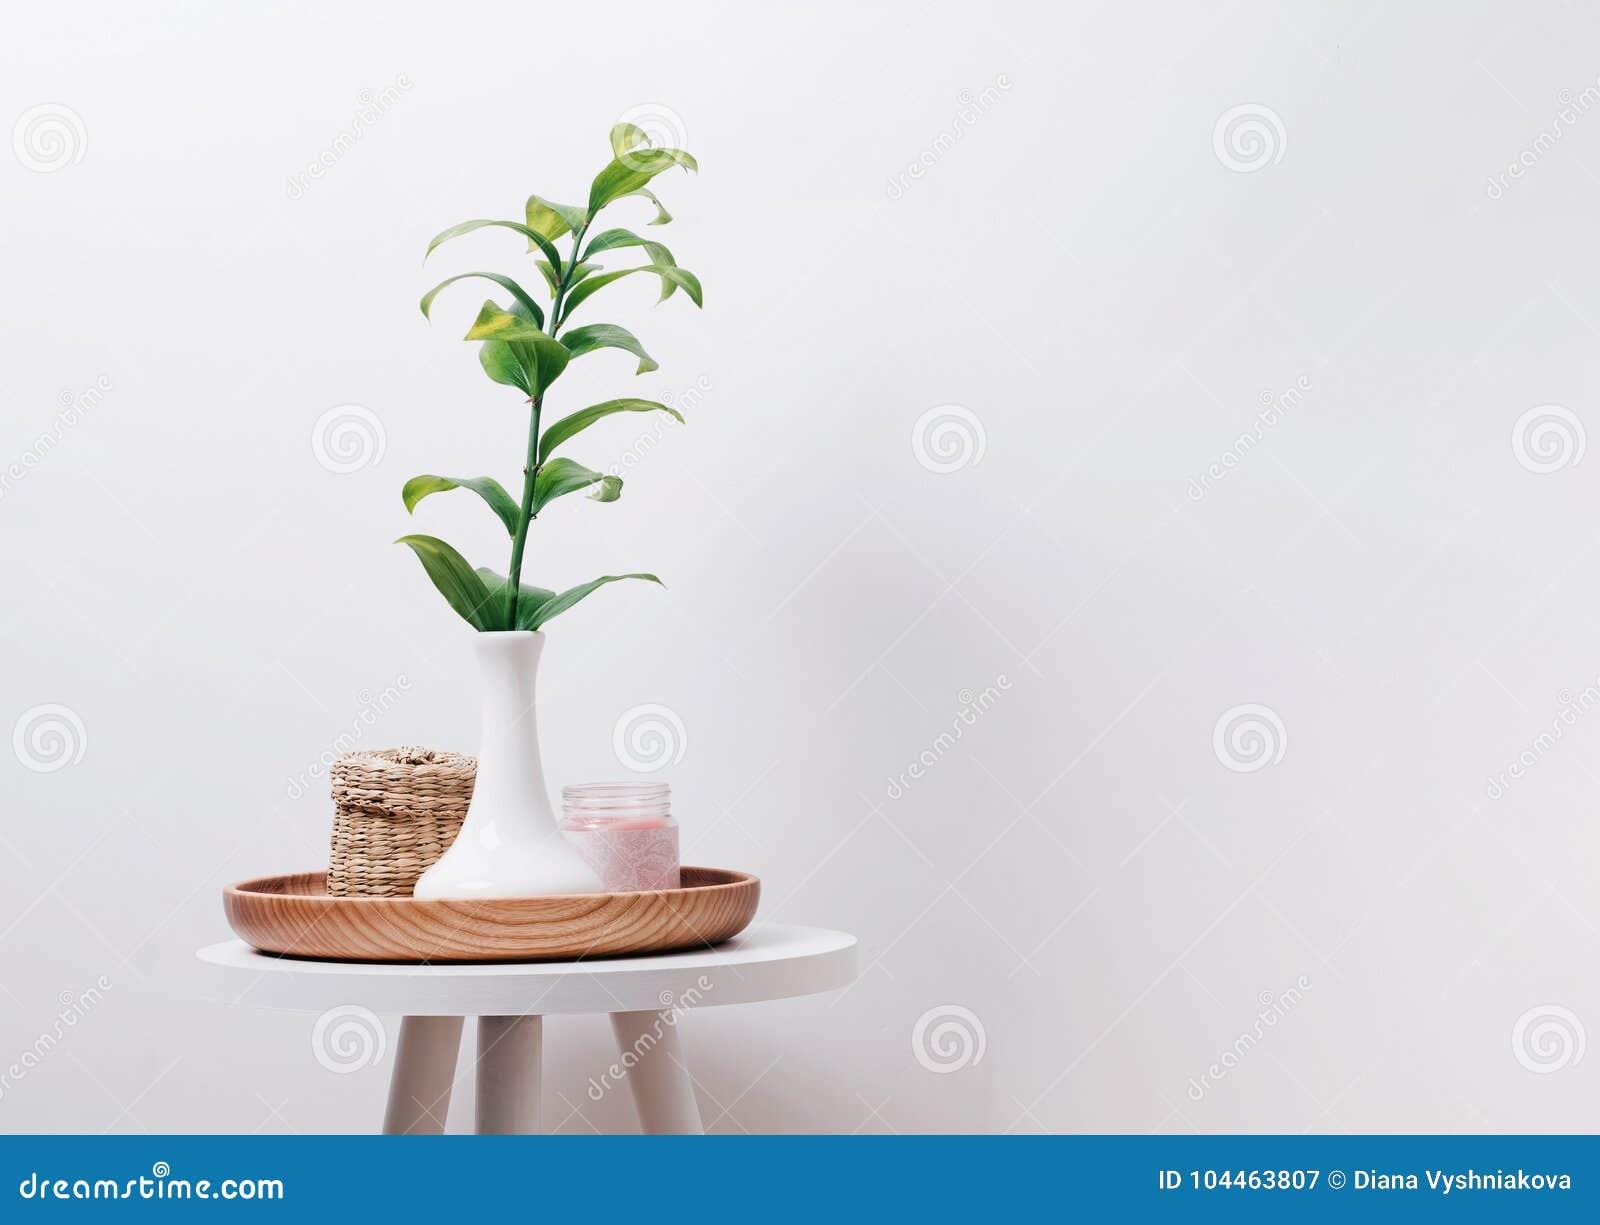 Plante verte dans la boîte de vase, de bougie et de paille sur la petite table